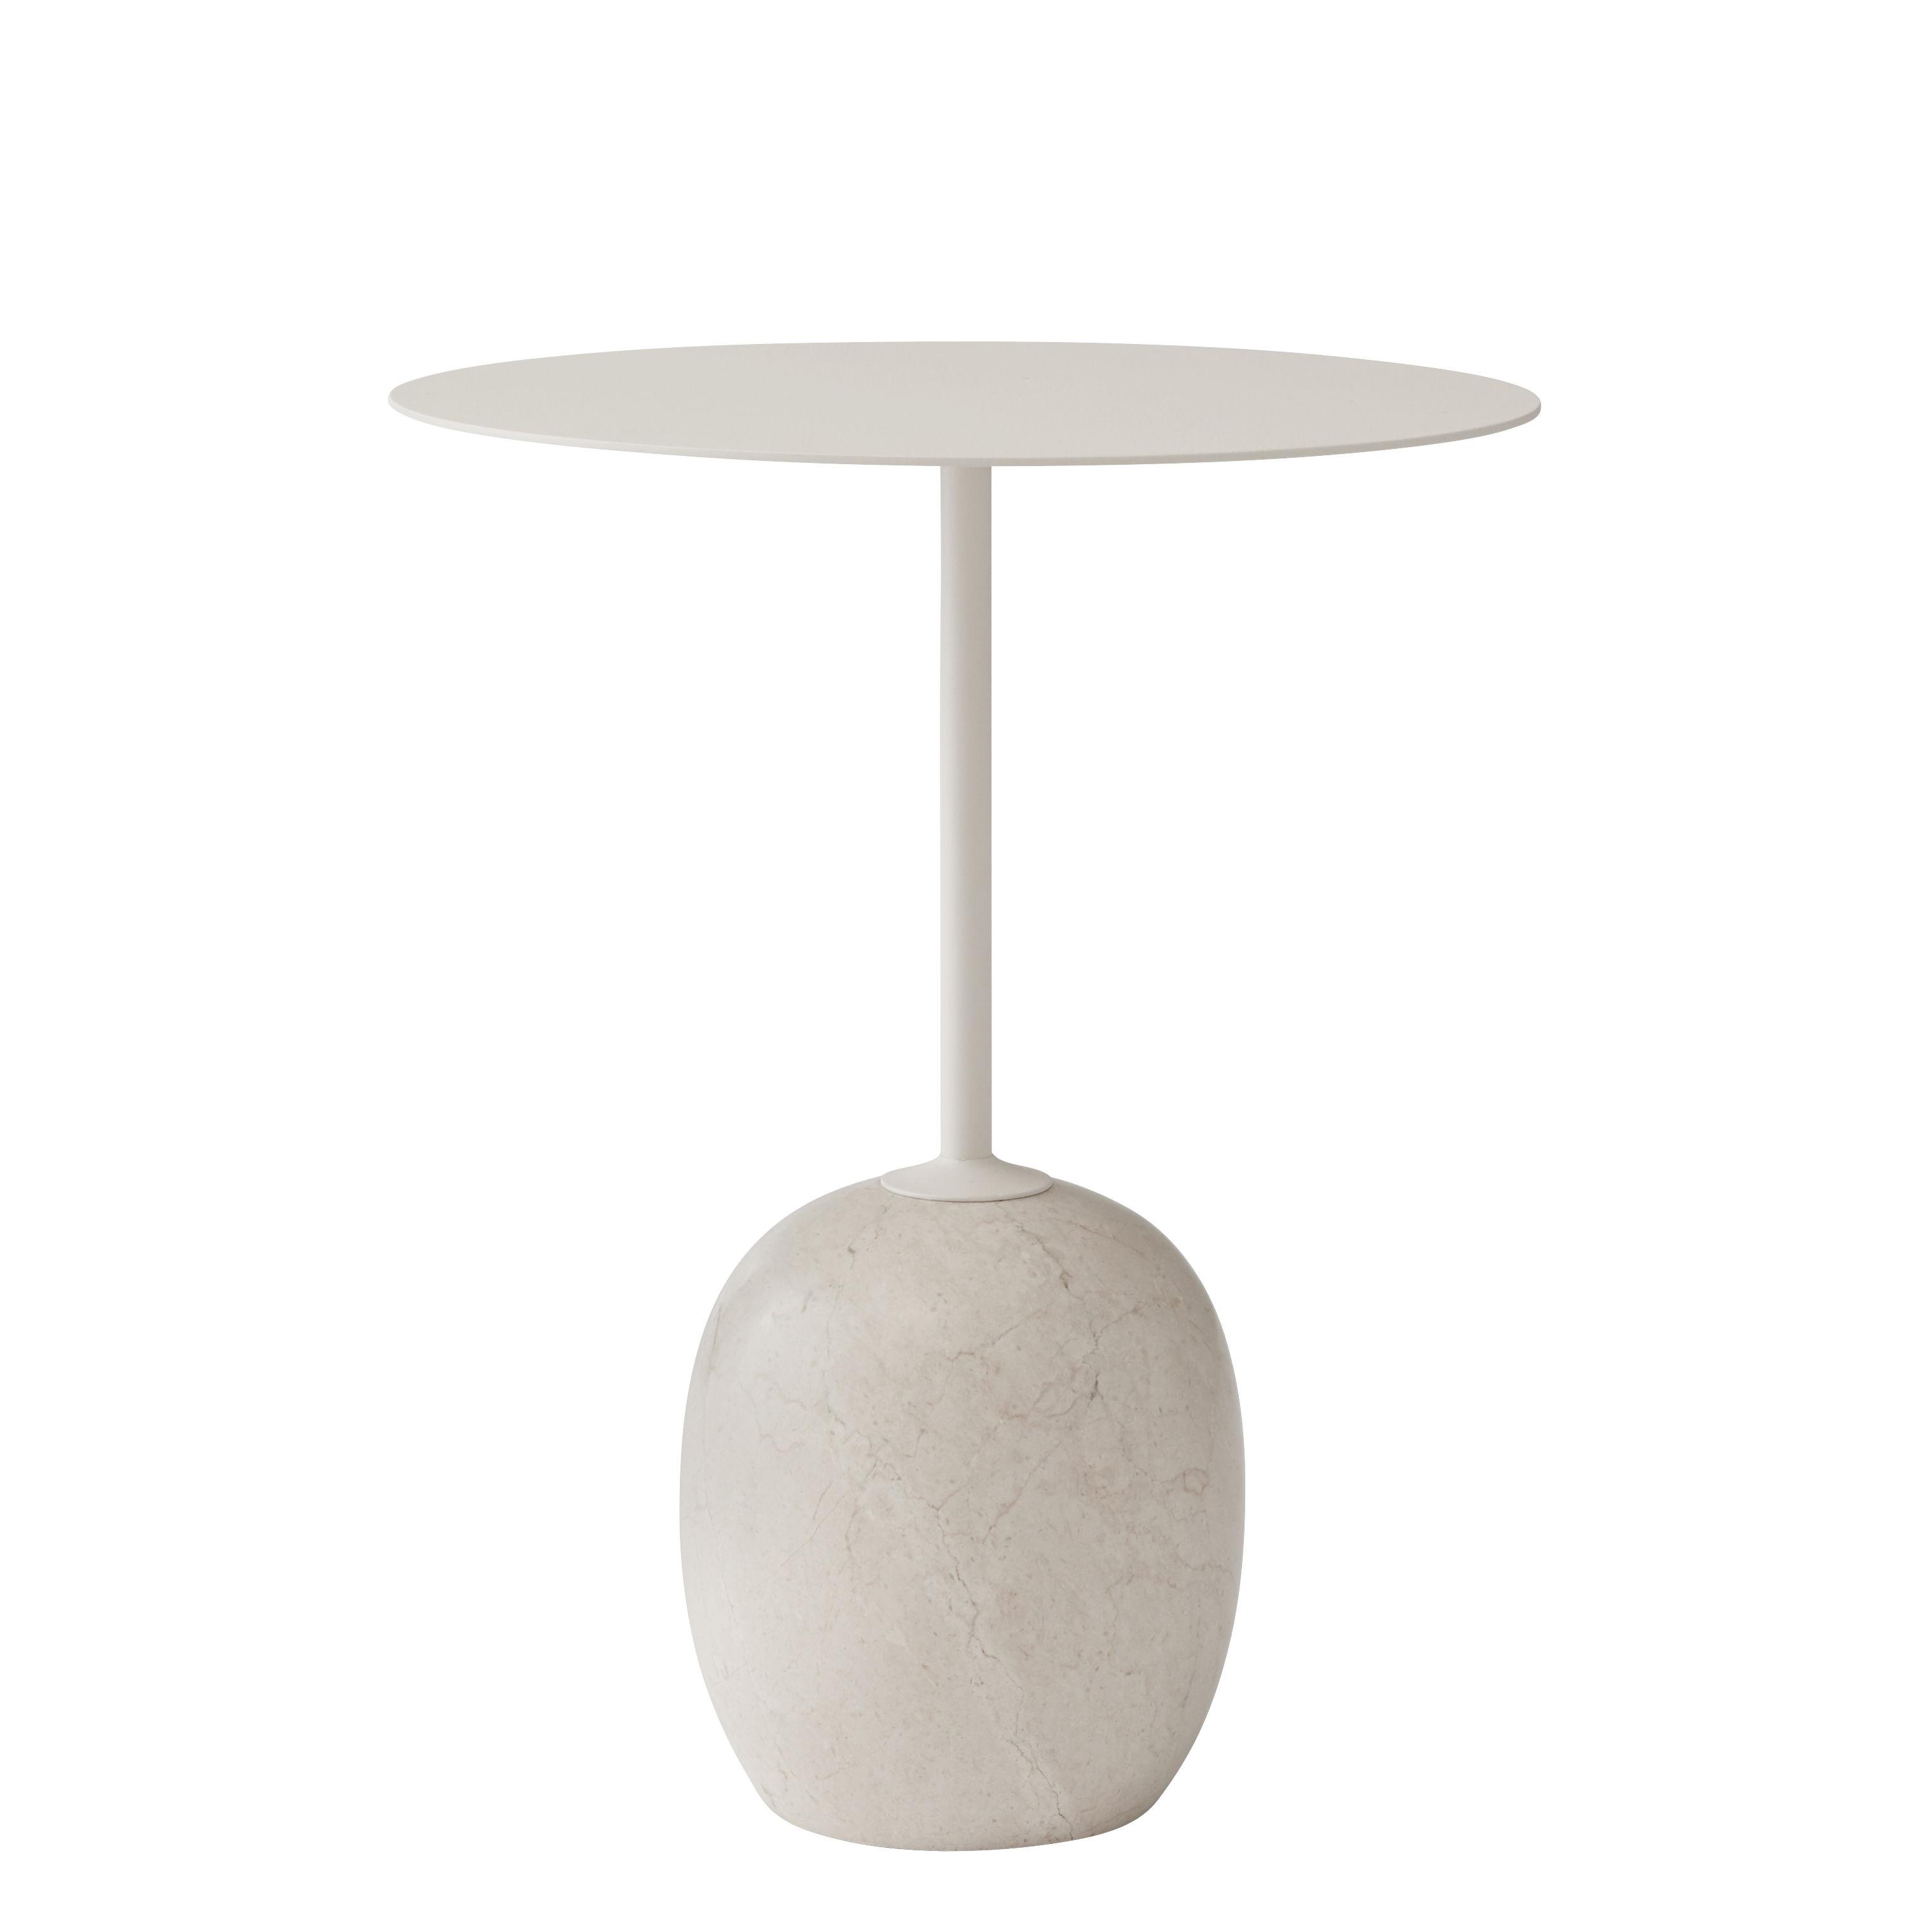 Mobilier - Tables basses - Guéridon Lato LN8 / Marbre & métal - Ø 40 x H 50 cm - &tradition - Crème - Acier peint, Marbre